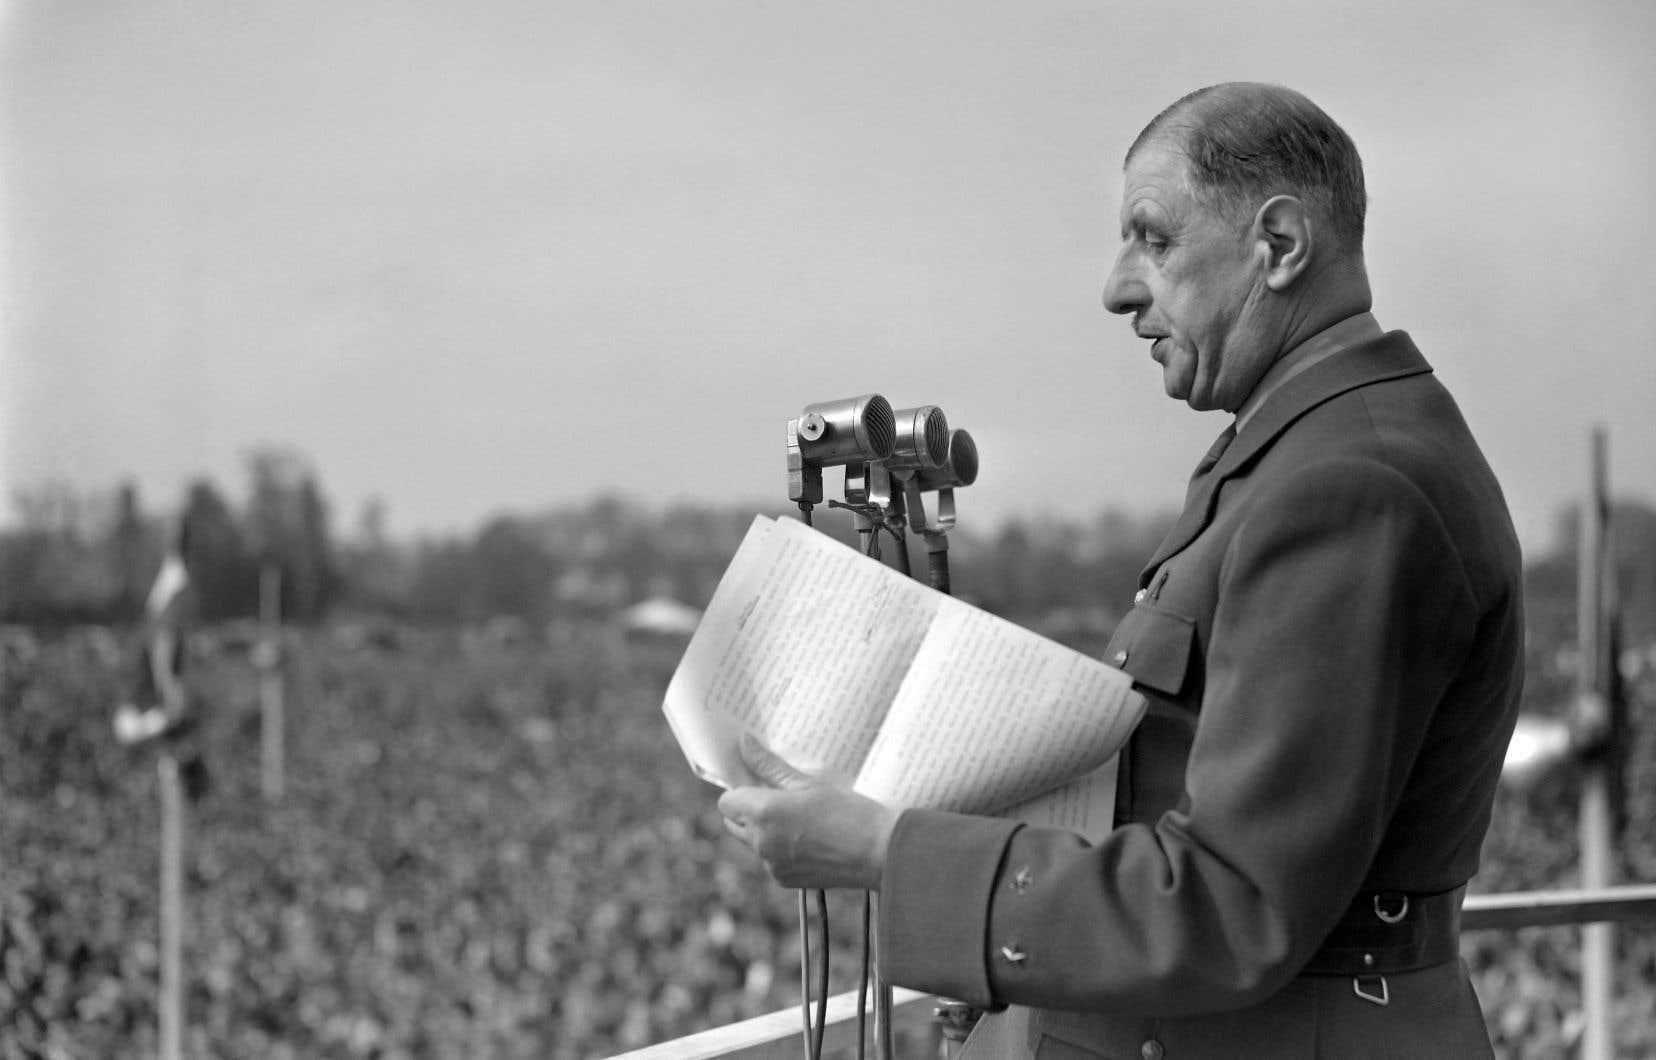 Charles de Gaulle, le fondateur et président du Rassemblement pour le peuple français (RPF), prononce un discours le 1er mai 1951.